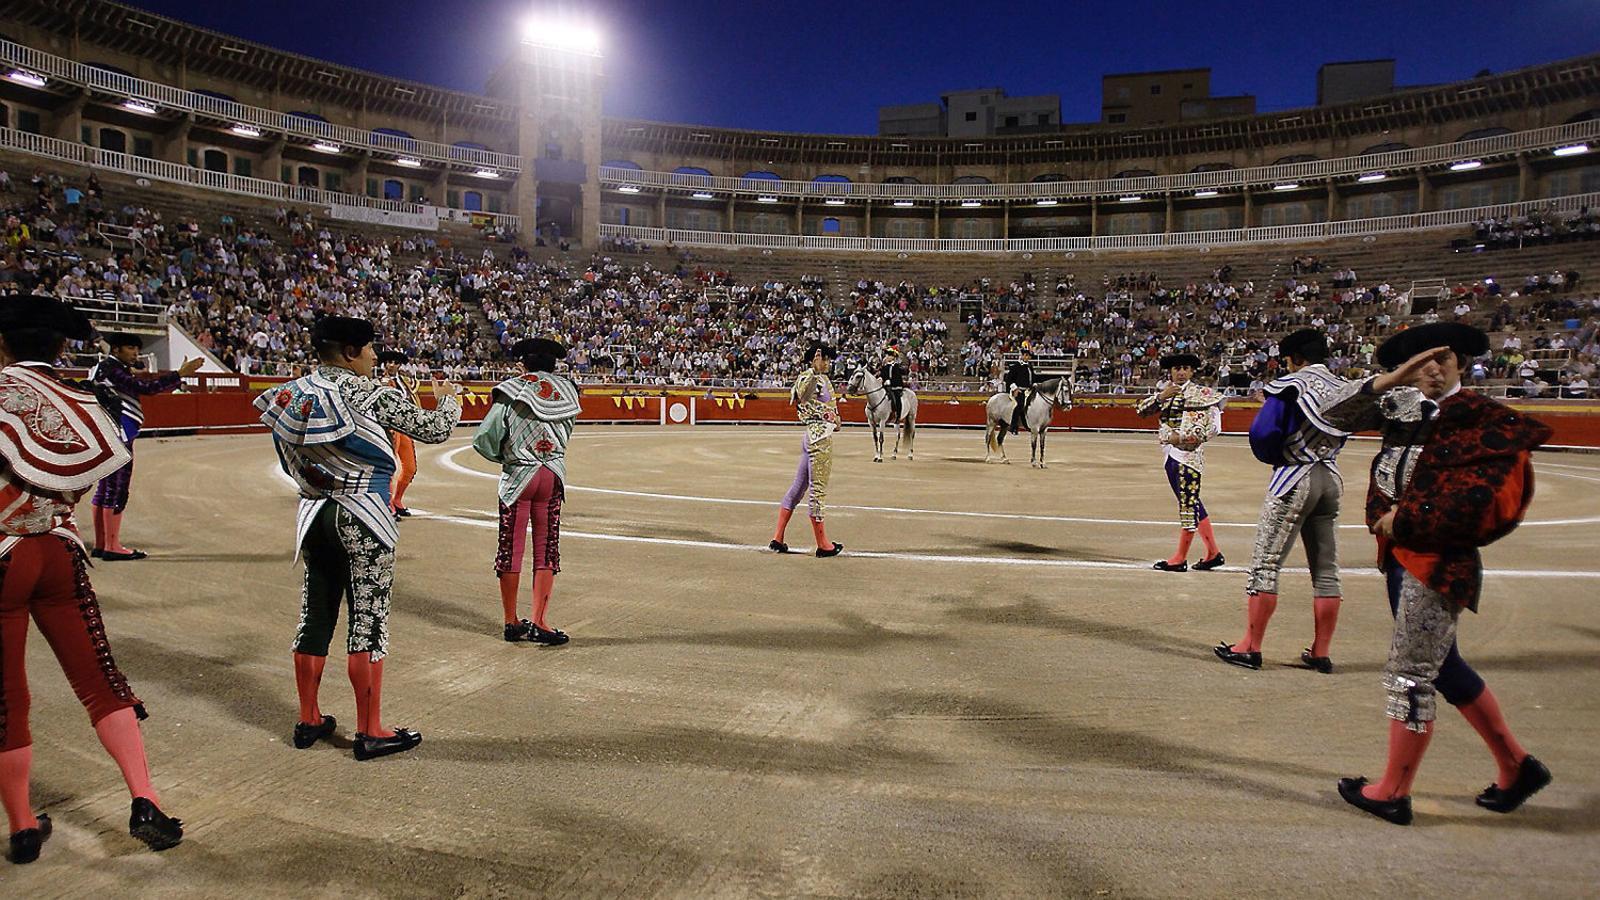 Madrid impugna davant el TC la Llei de toros a la balear